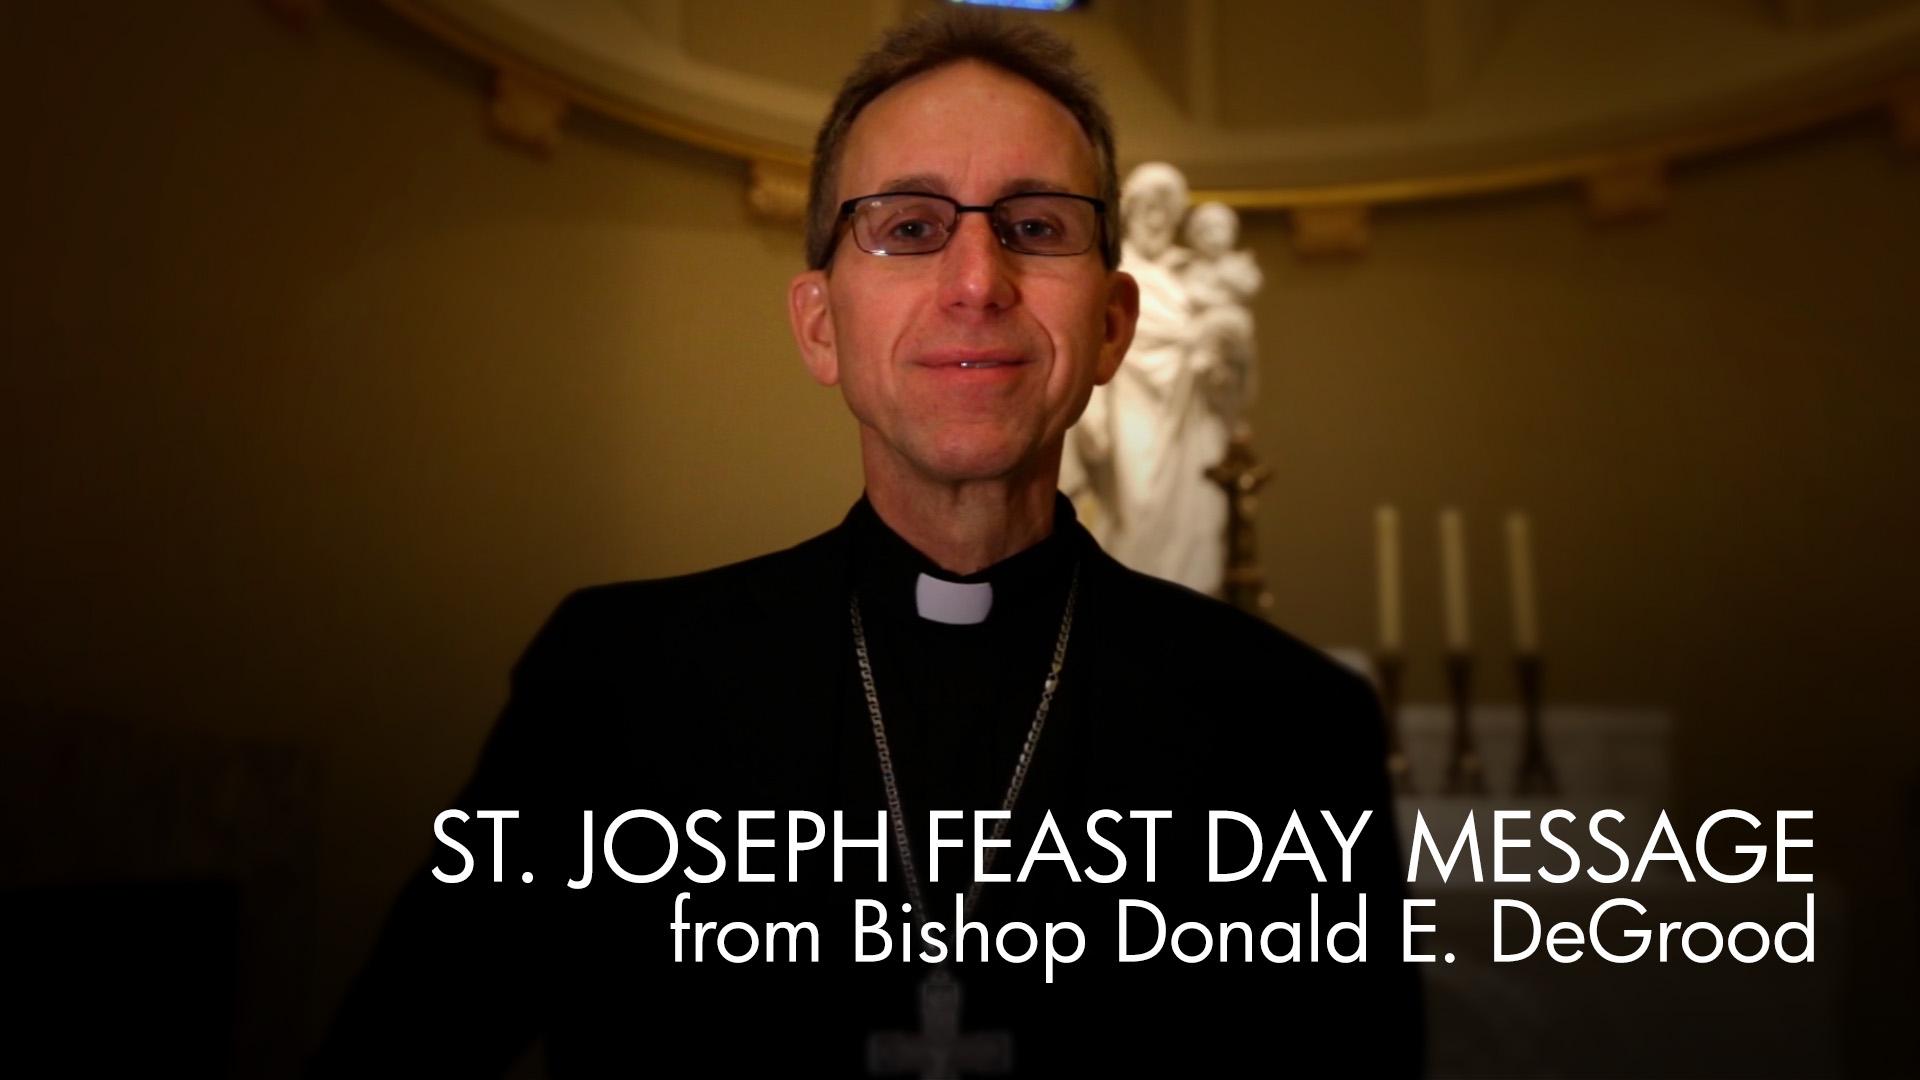 Greetings on this Feast of Saint Joseph